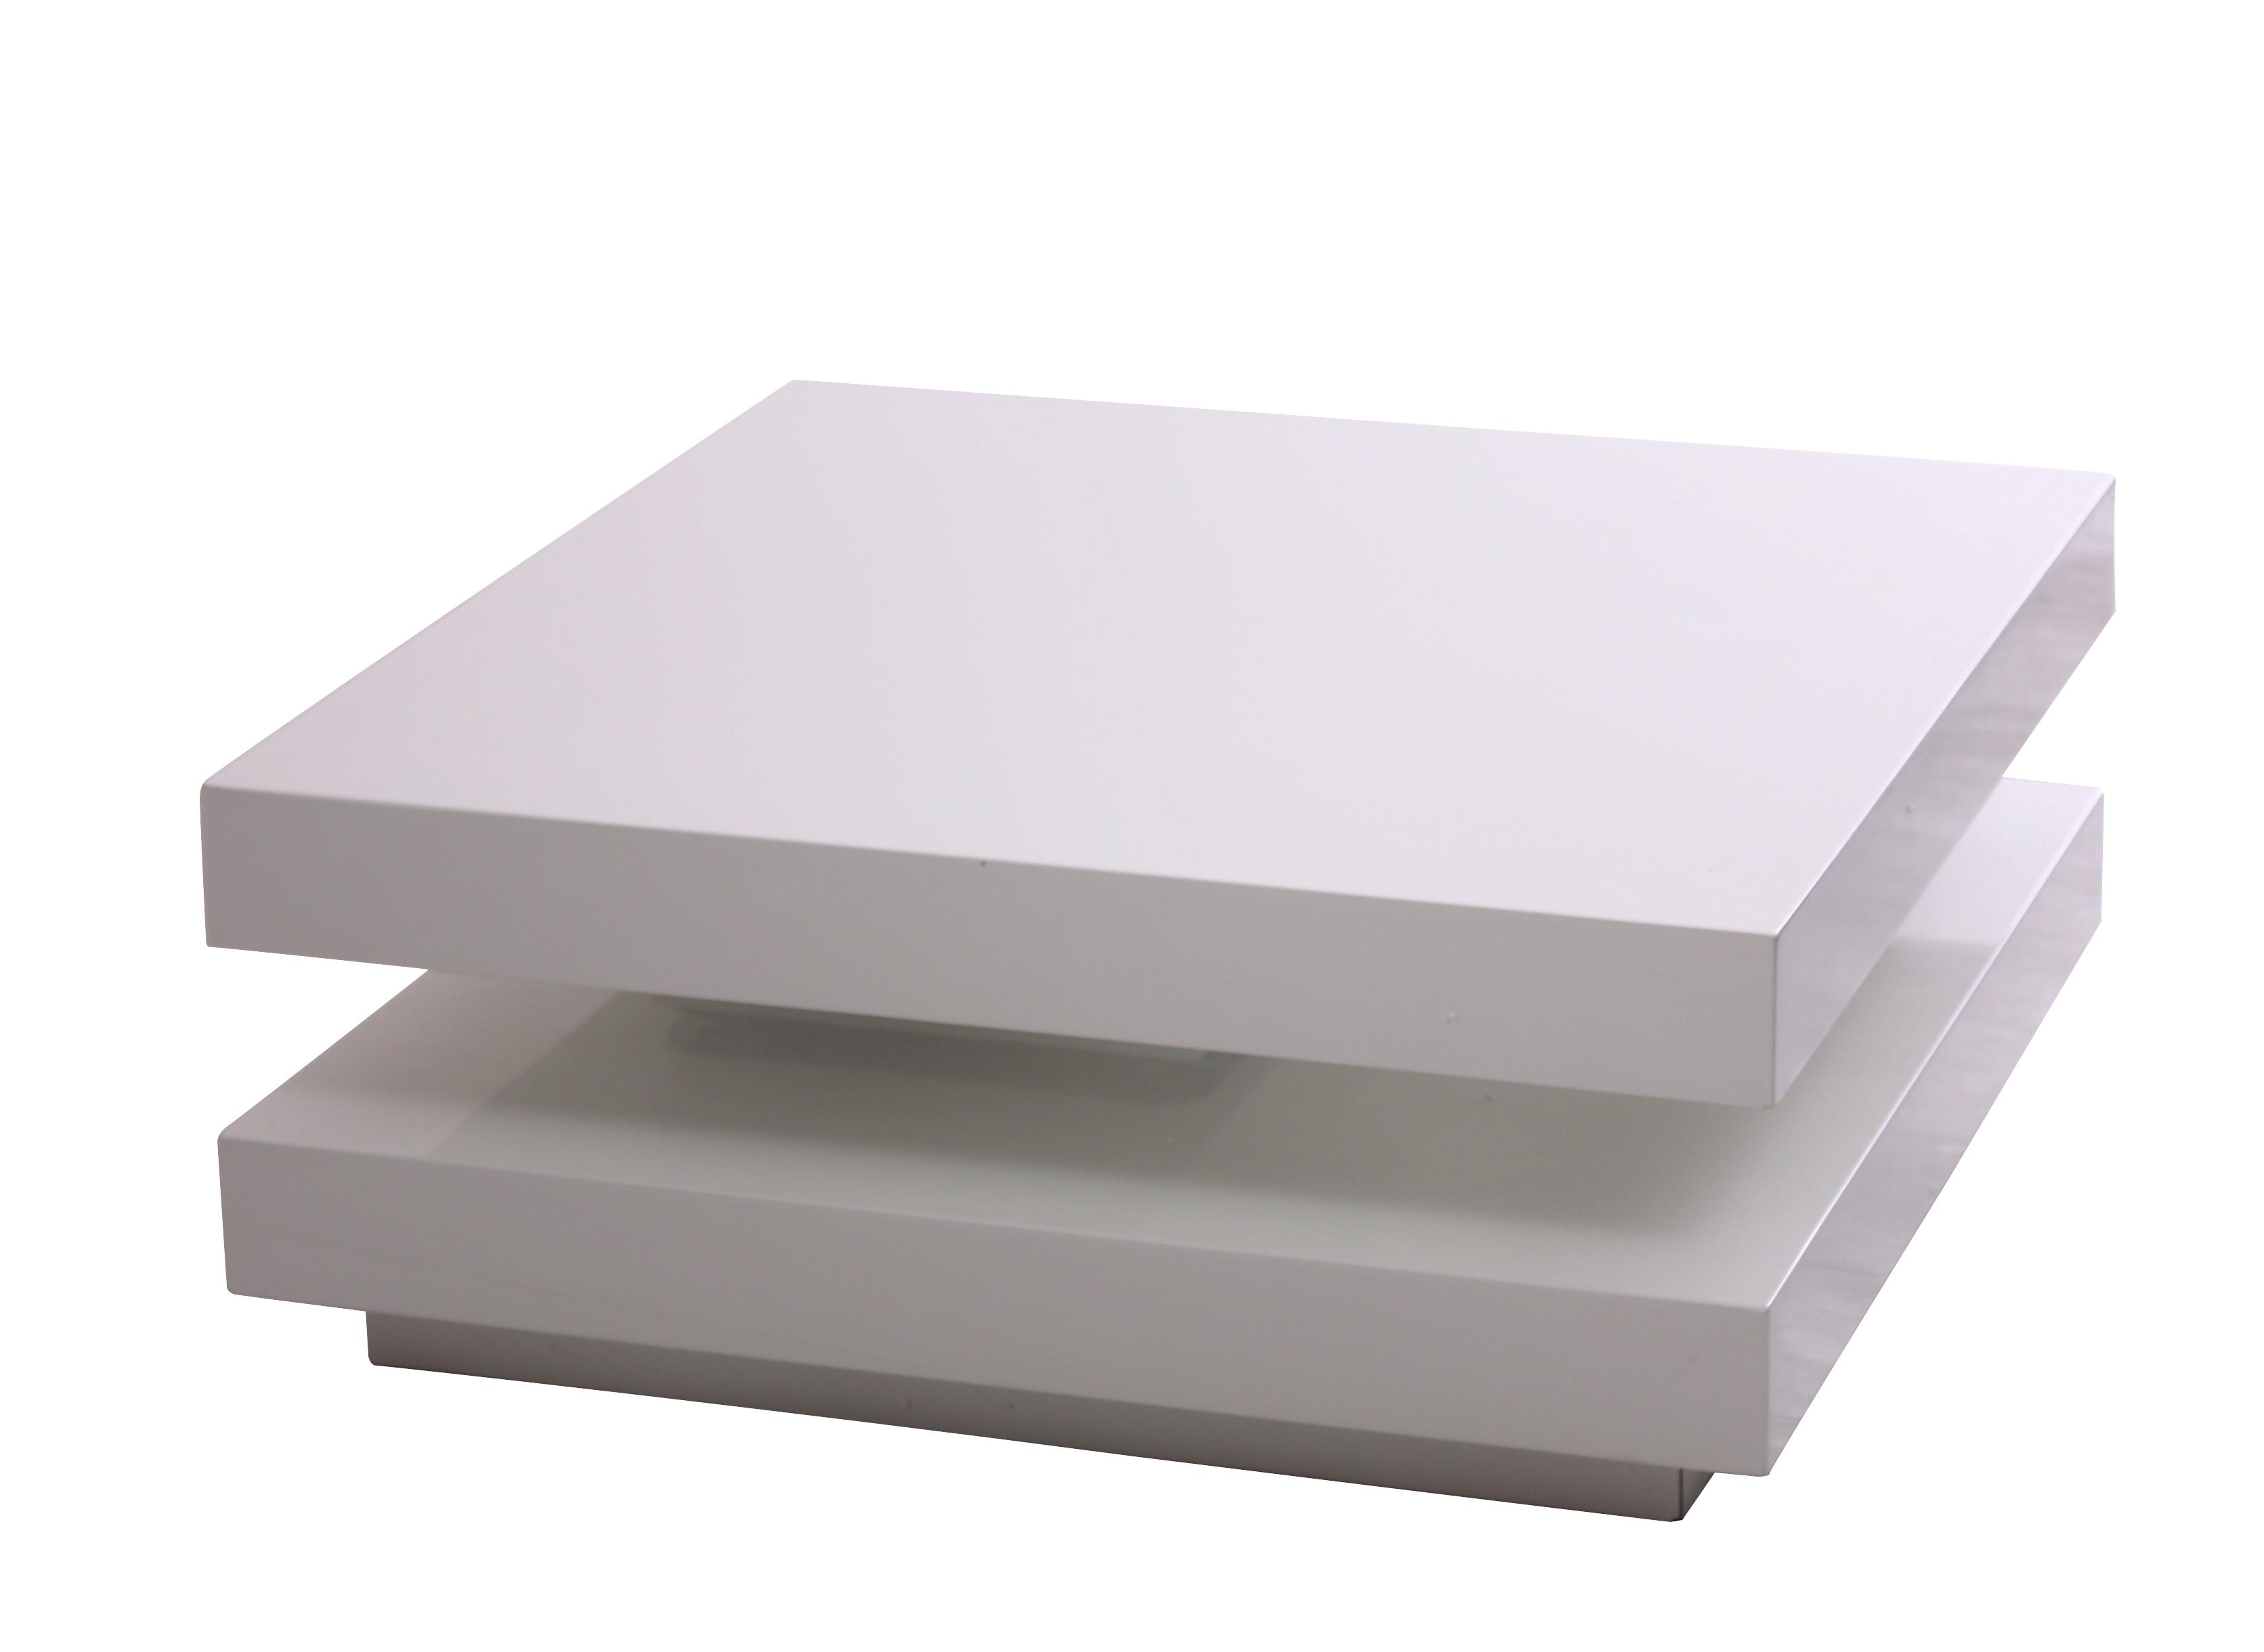 Couchtisch modular wei hochglanz 75x75cm mit 2 ebenen for Couchtisch 3 ebenen